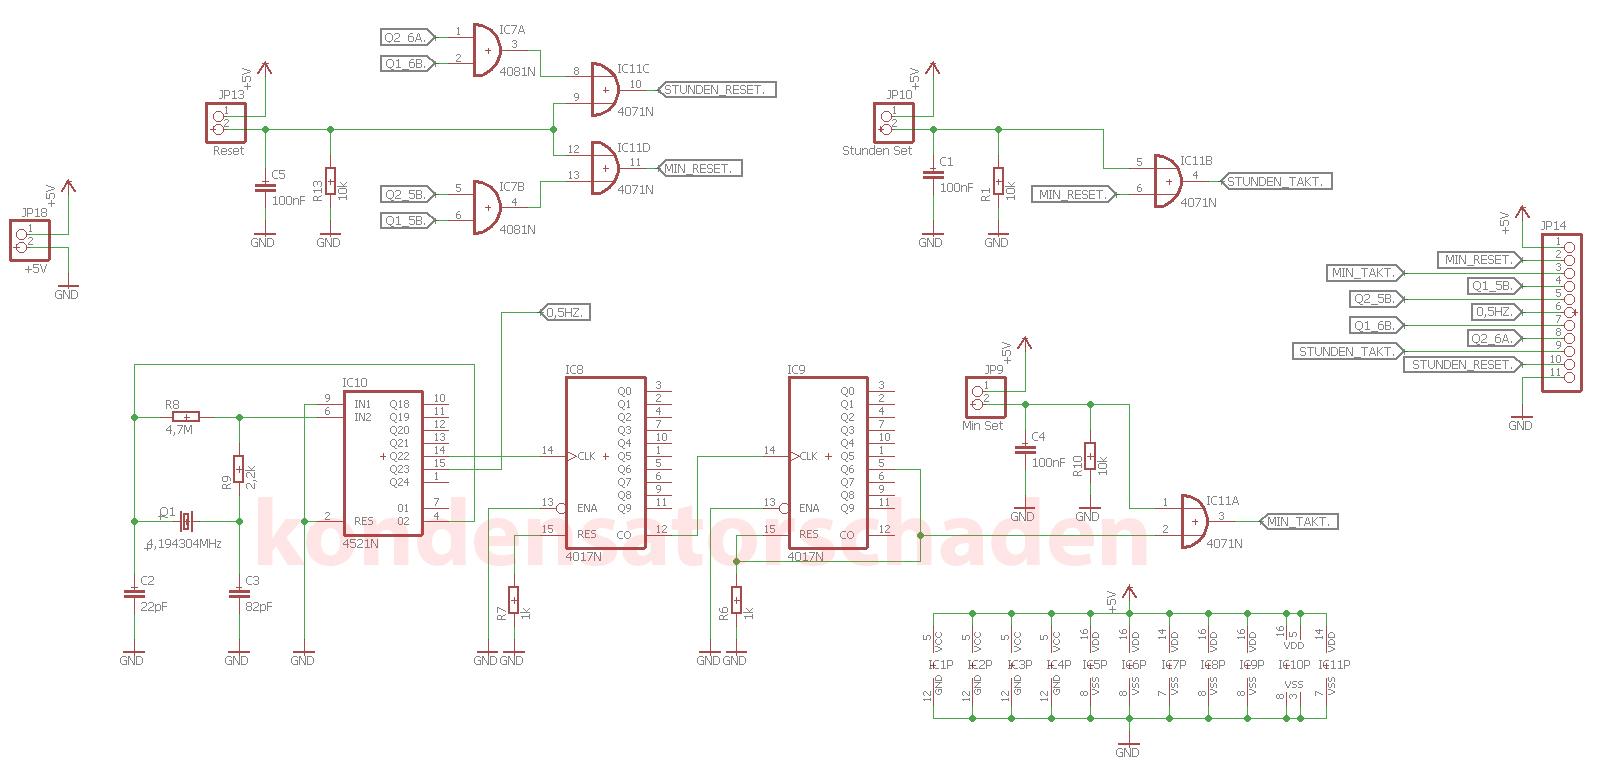 Wunderbar Einfache Schaltpläne Von Elektronikprojekten Fotos ...